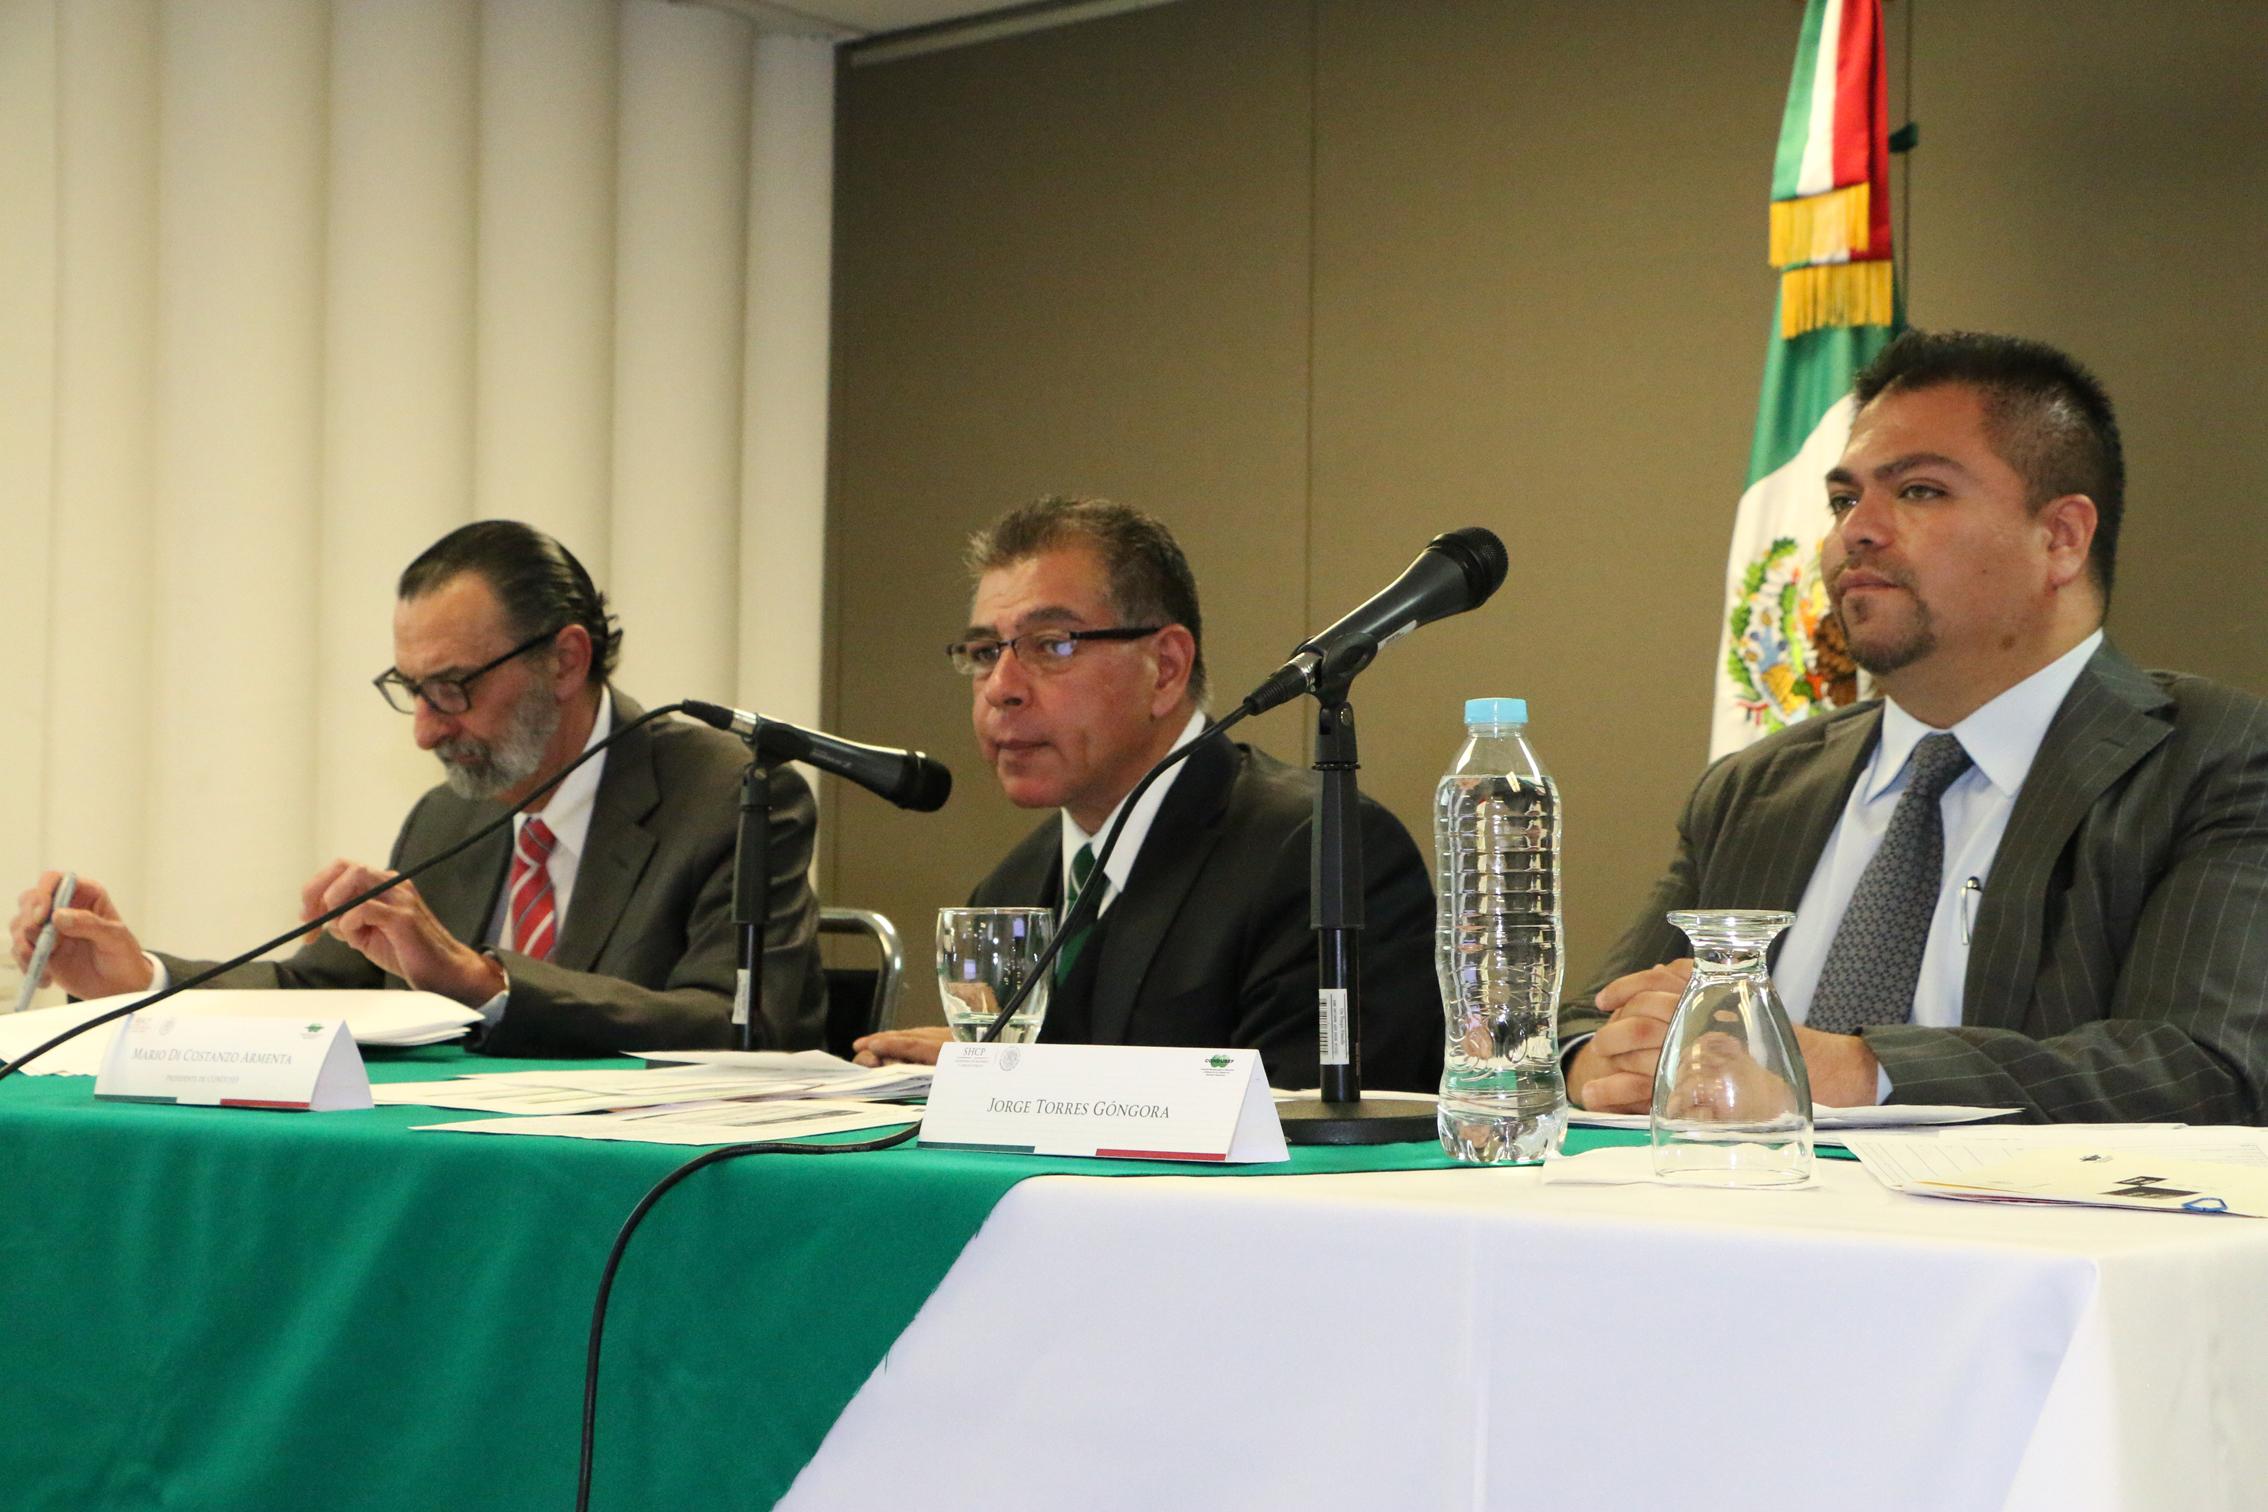 Actualizaci n del bur de entidades financieras comisi n for Buro juridico